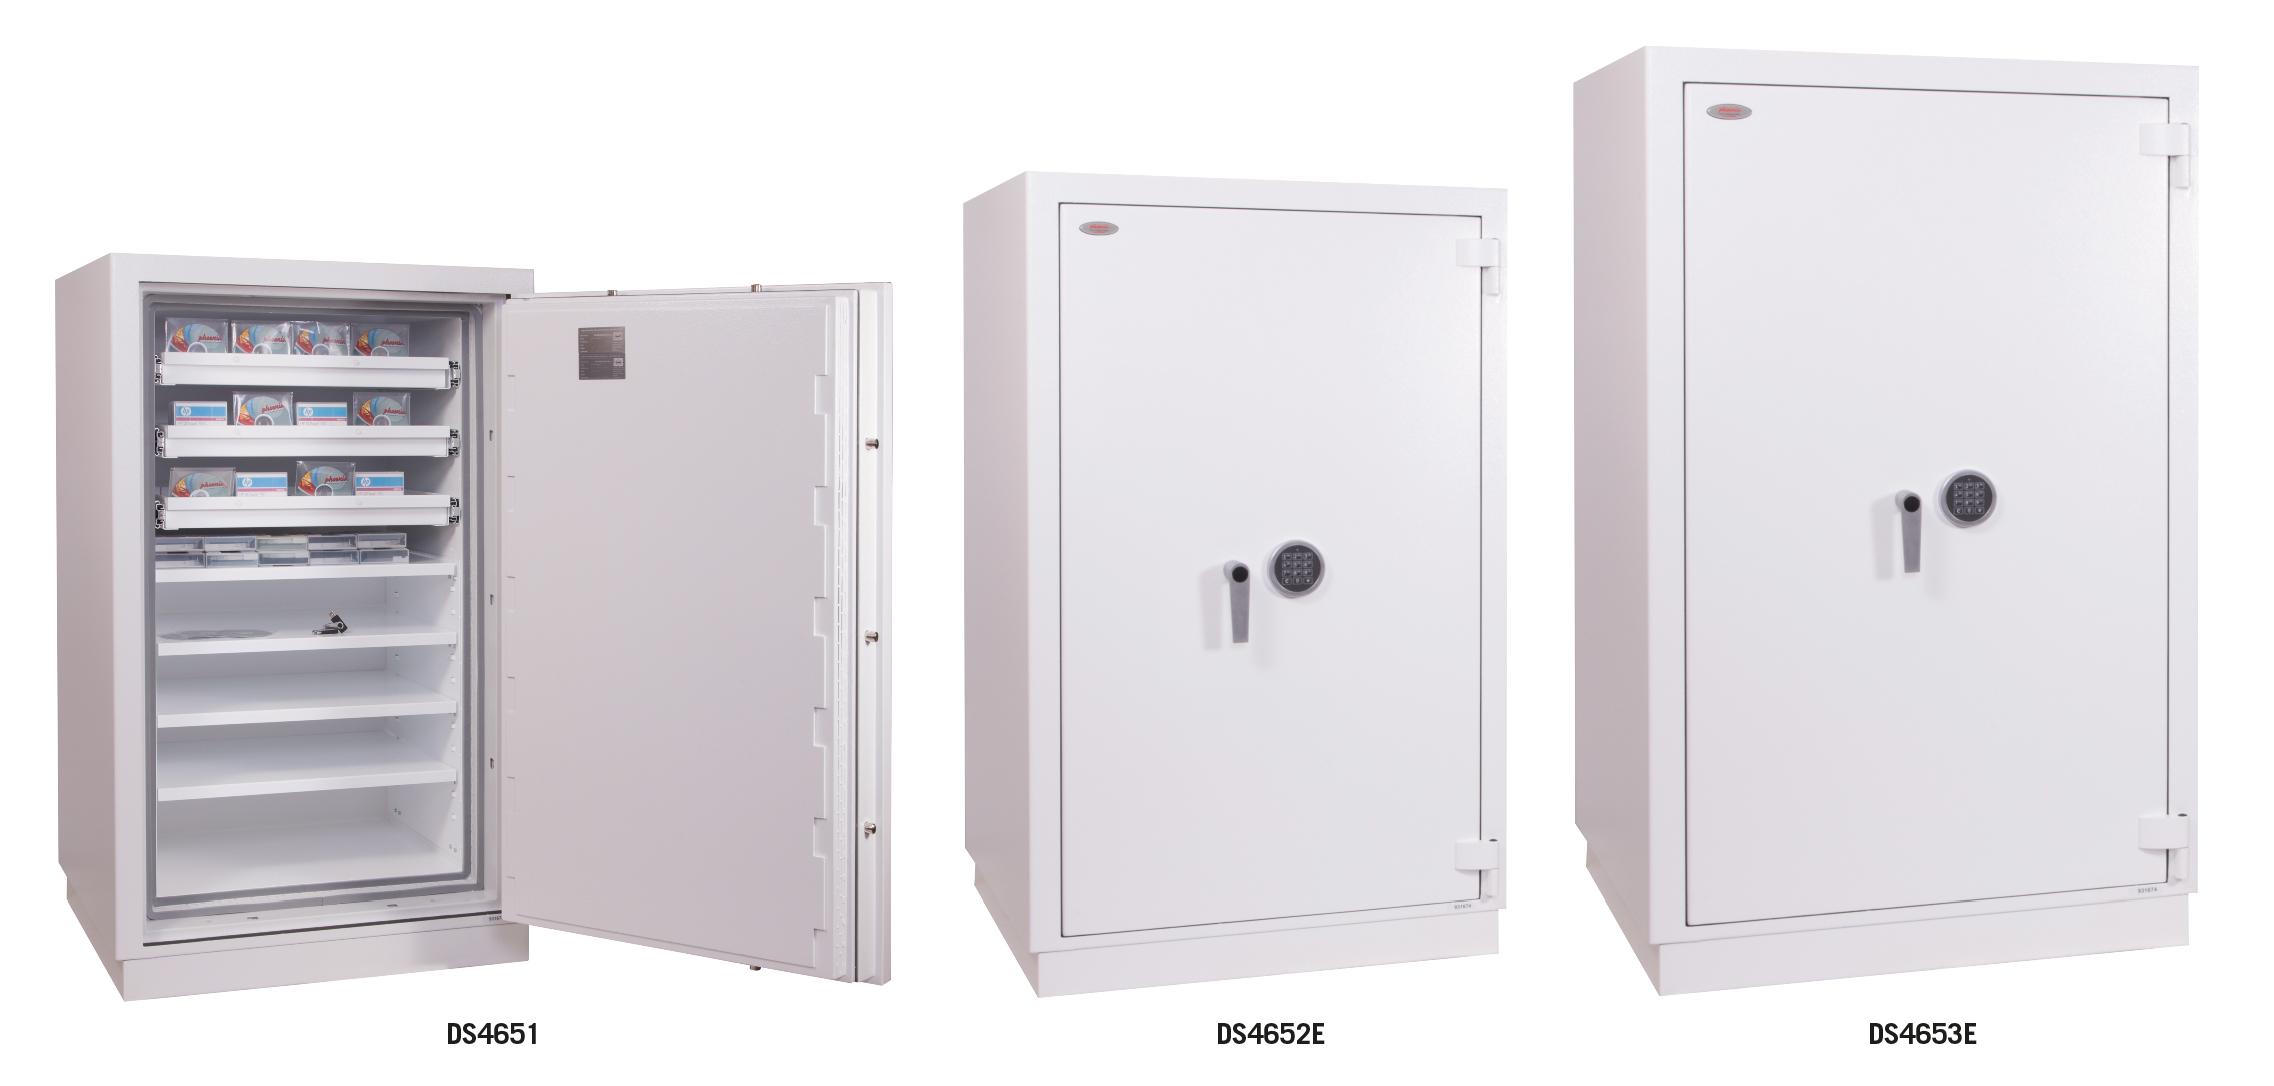 Millennium Duplex DS4650 Series